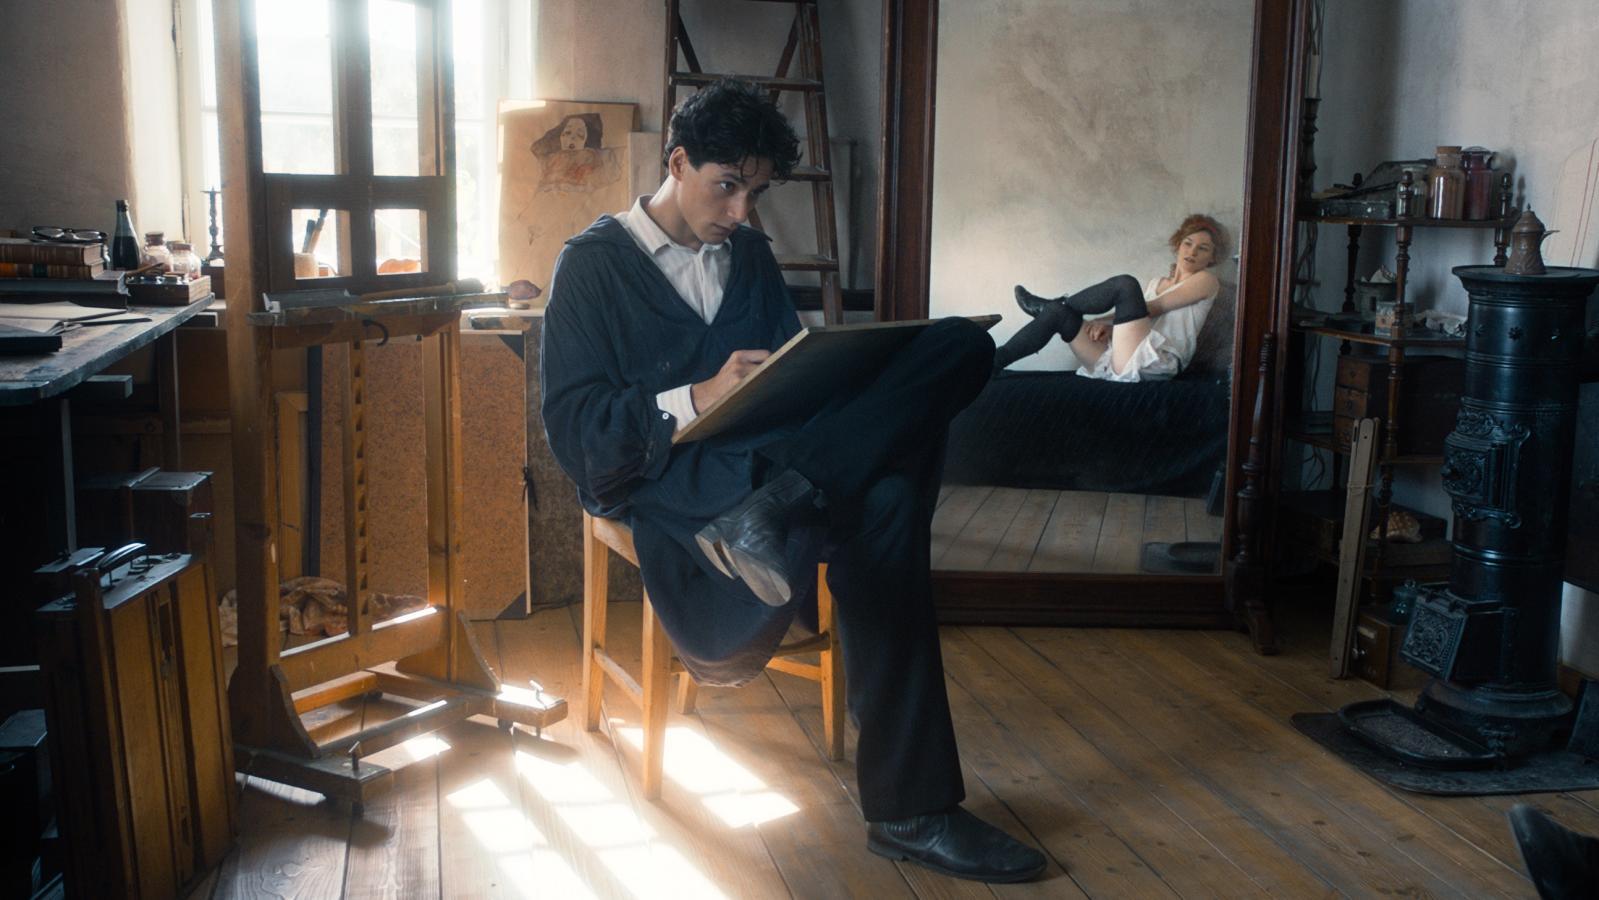 Noah Saavedra dans Egon Schiele (2016), de Dieter Berner.